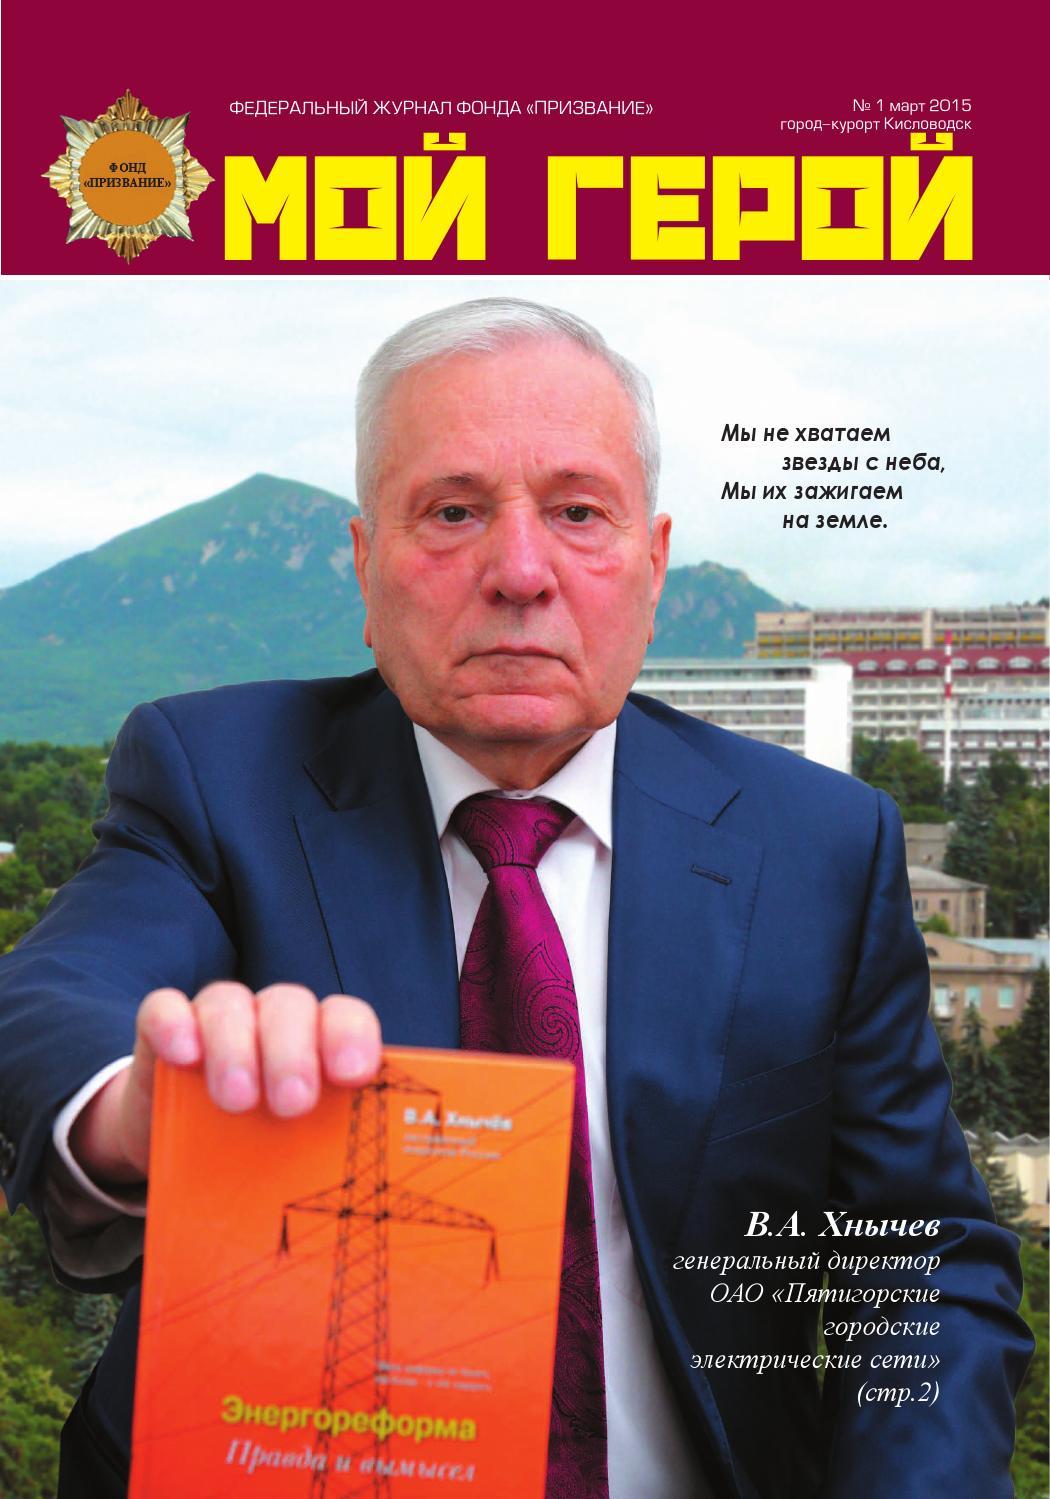 Хнычев Валерий Альбертович г Пятигорск